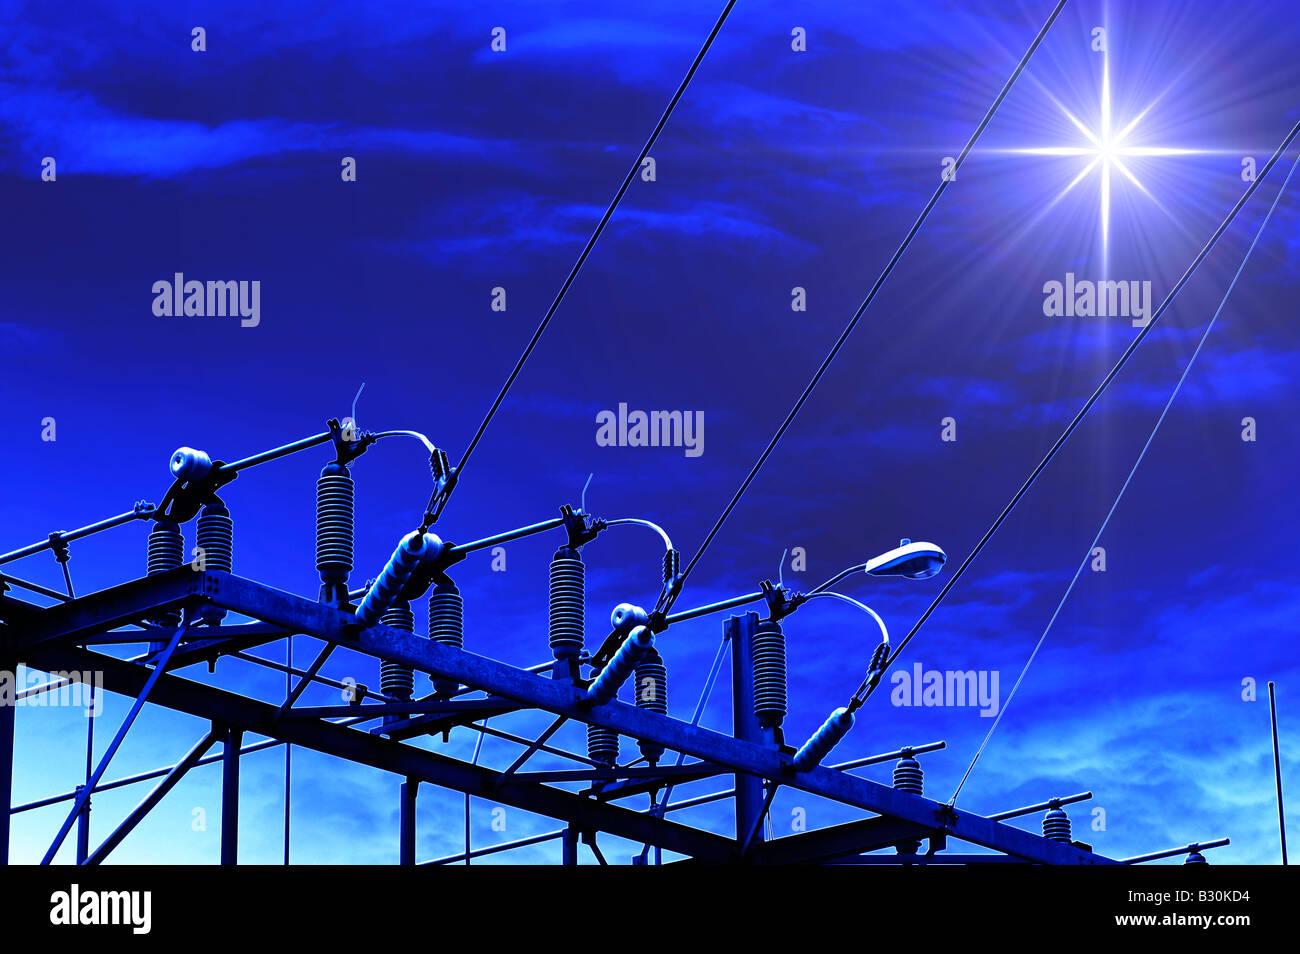 Elektrizitätswerk in der Nacht mit Abendstern Stockbild